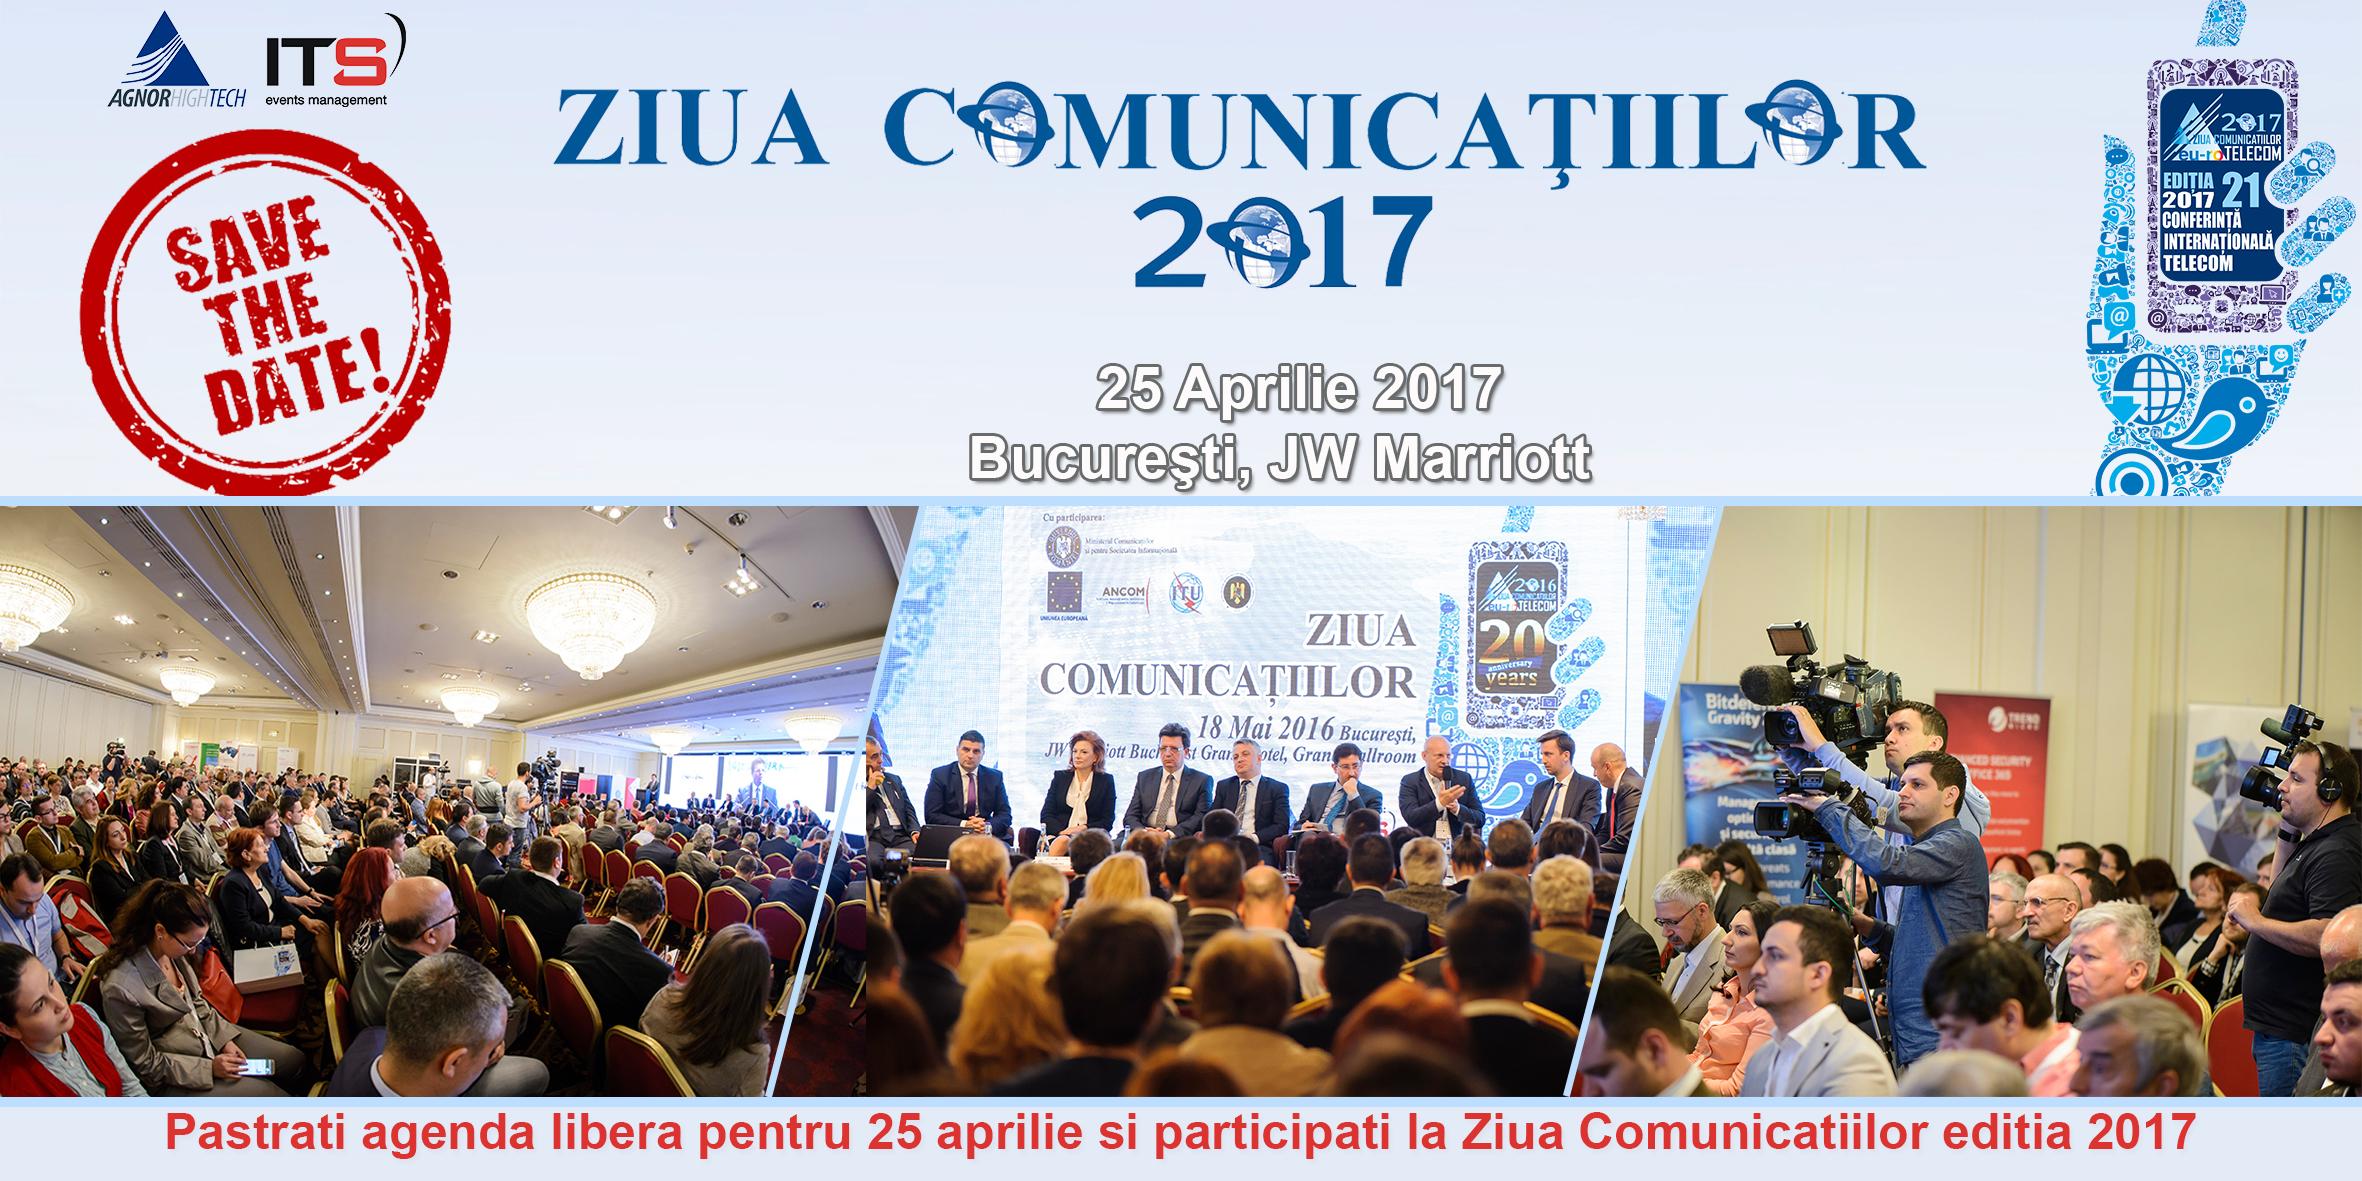 2017 aduce transformarea digitală pe scenă la Ziua Comunicaţiilor